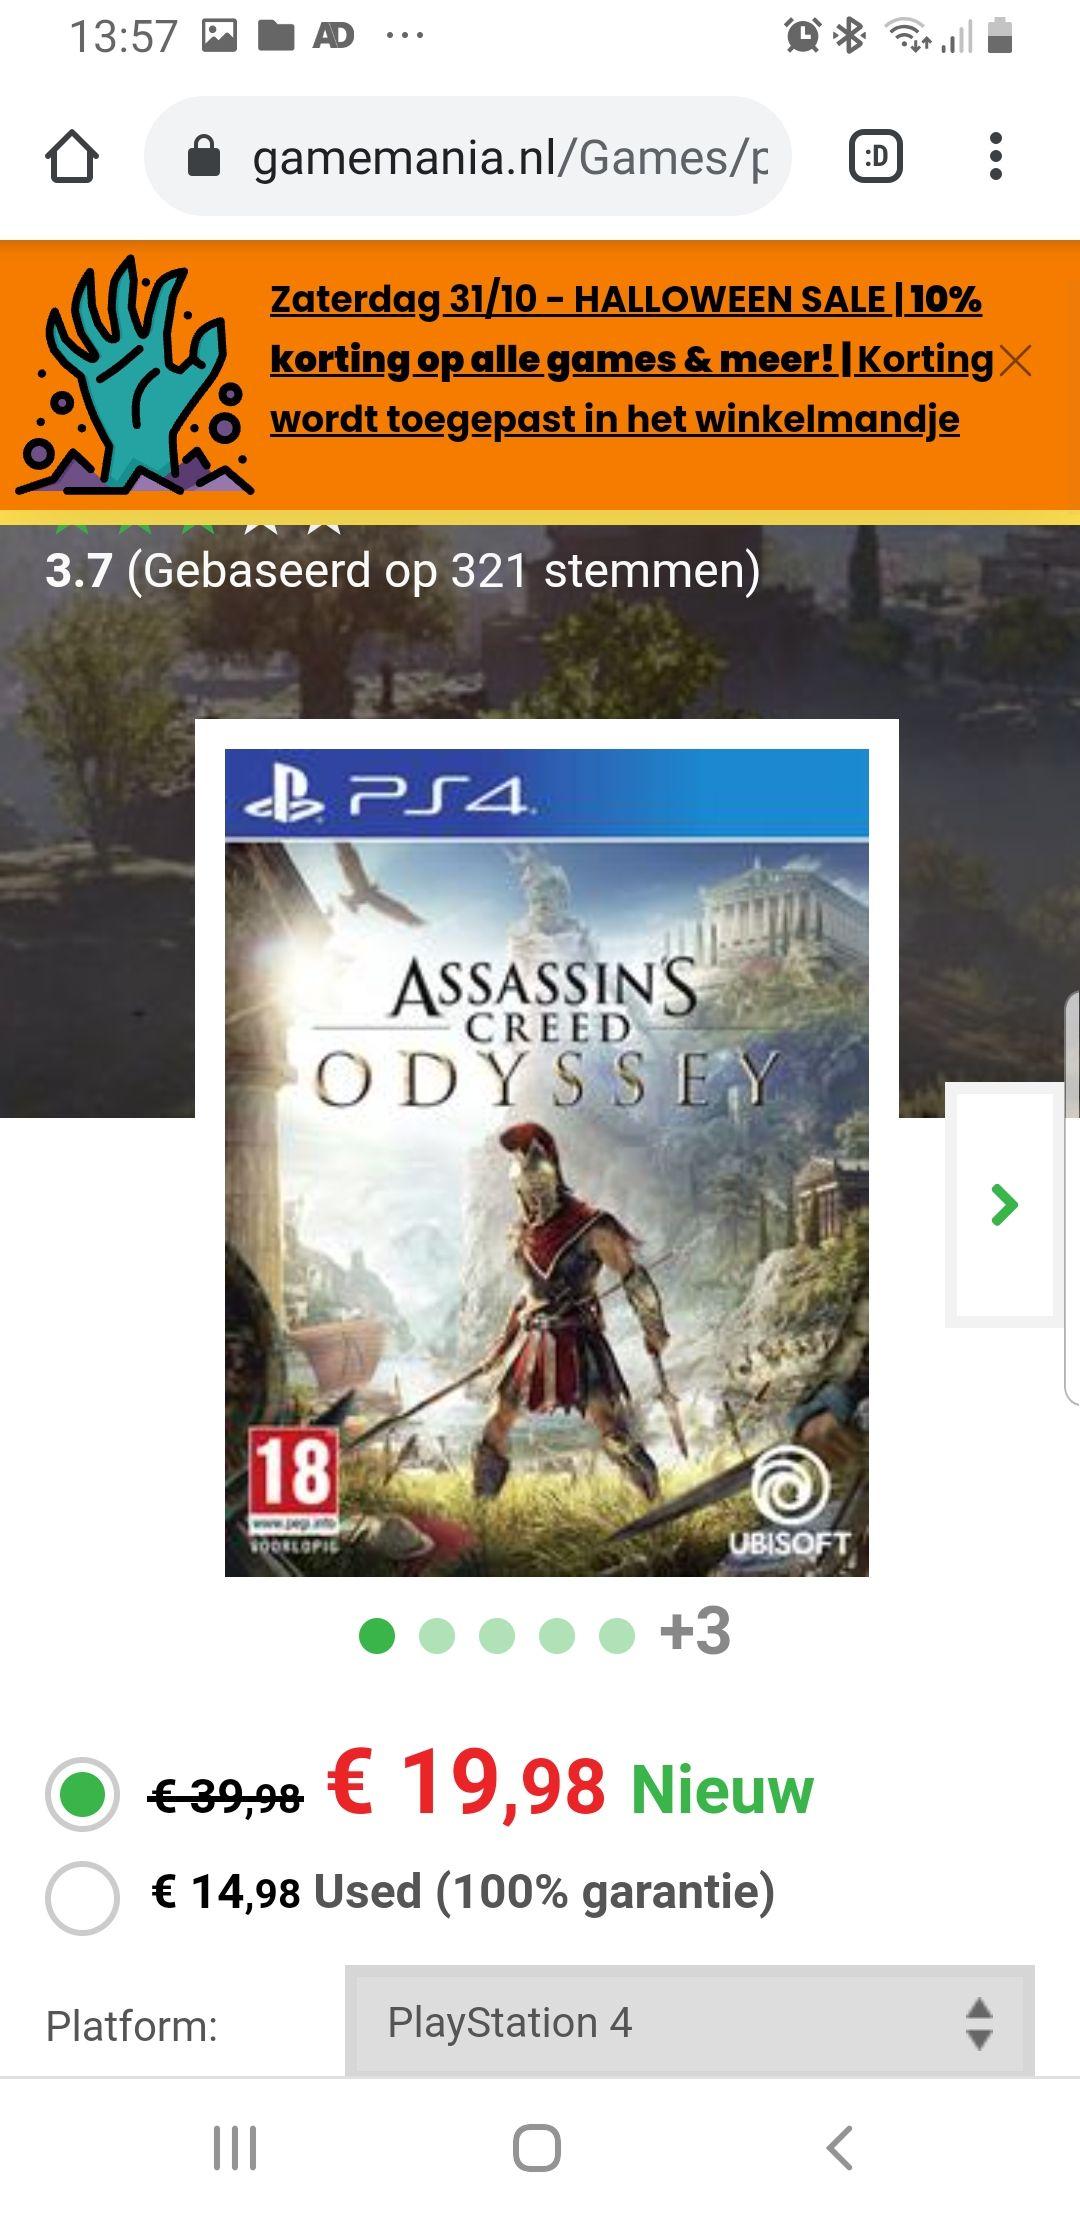 Assasin's Creed Odyssey PS4, ook nog 10% korting er boven op. Dus dan kom je op een bedag van rond de €17.00!!